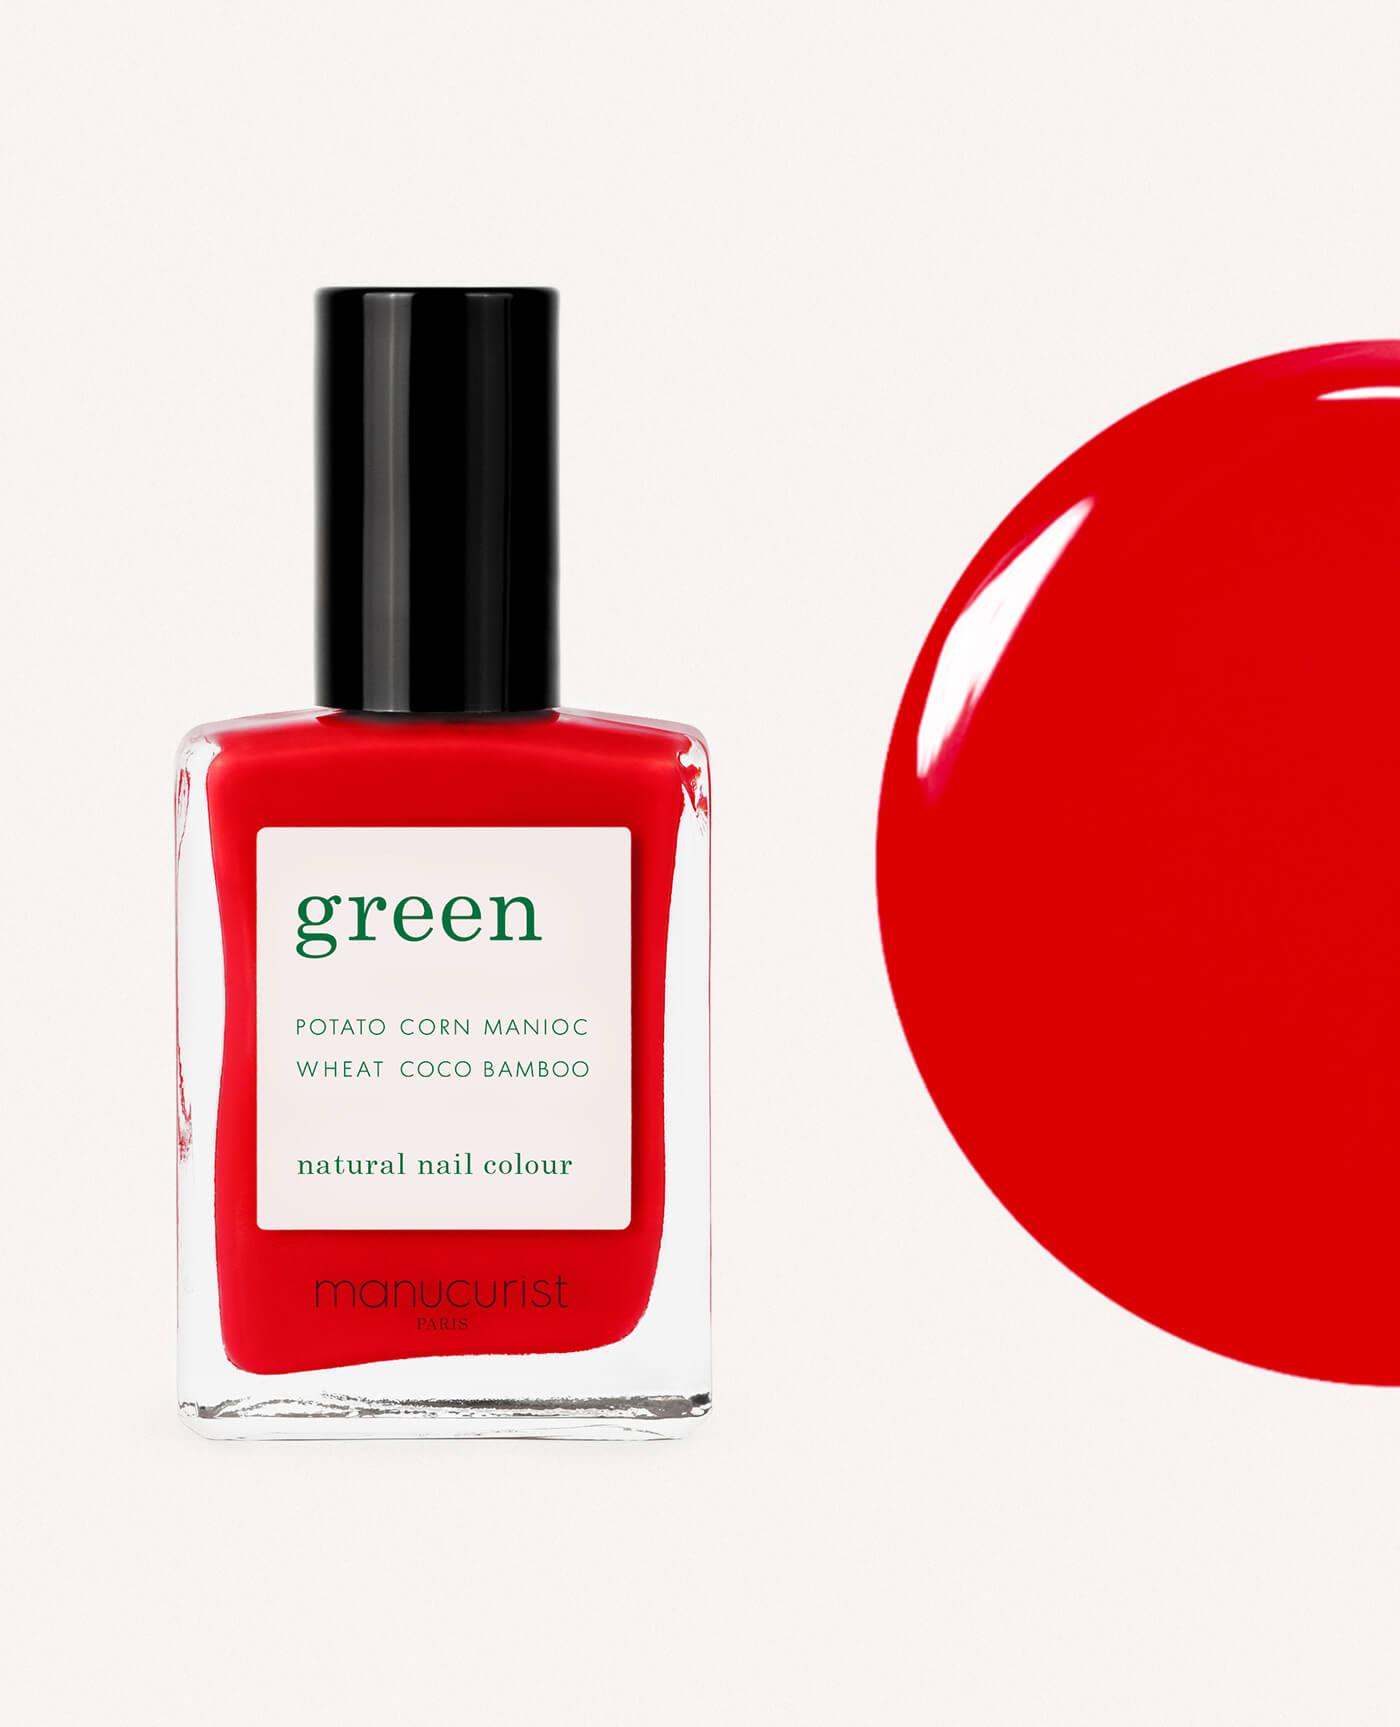 vernis à ongles bio green de la marque Manucurist made in france de couleur rouge anemone